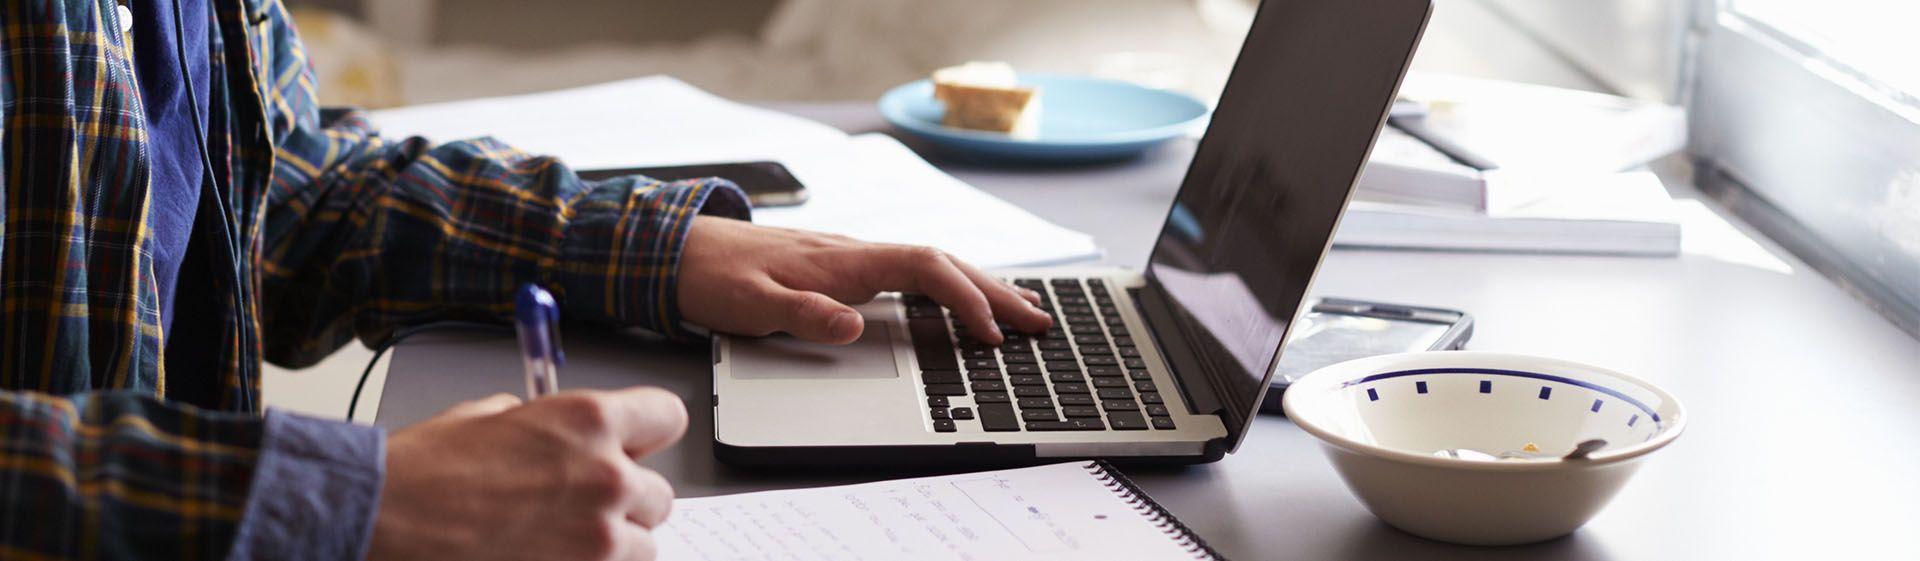 Notebook para estudar: 5 modelos bons e baratos para comprar em 2020